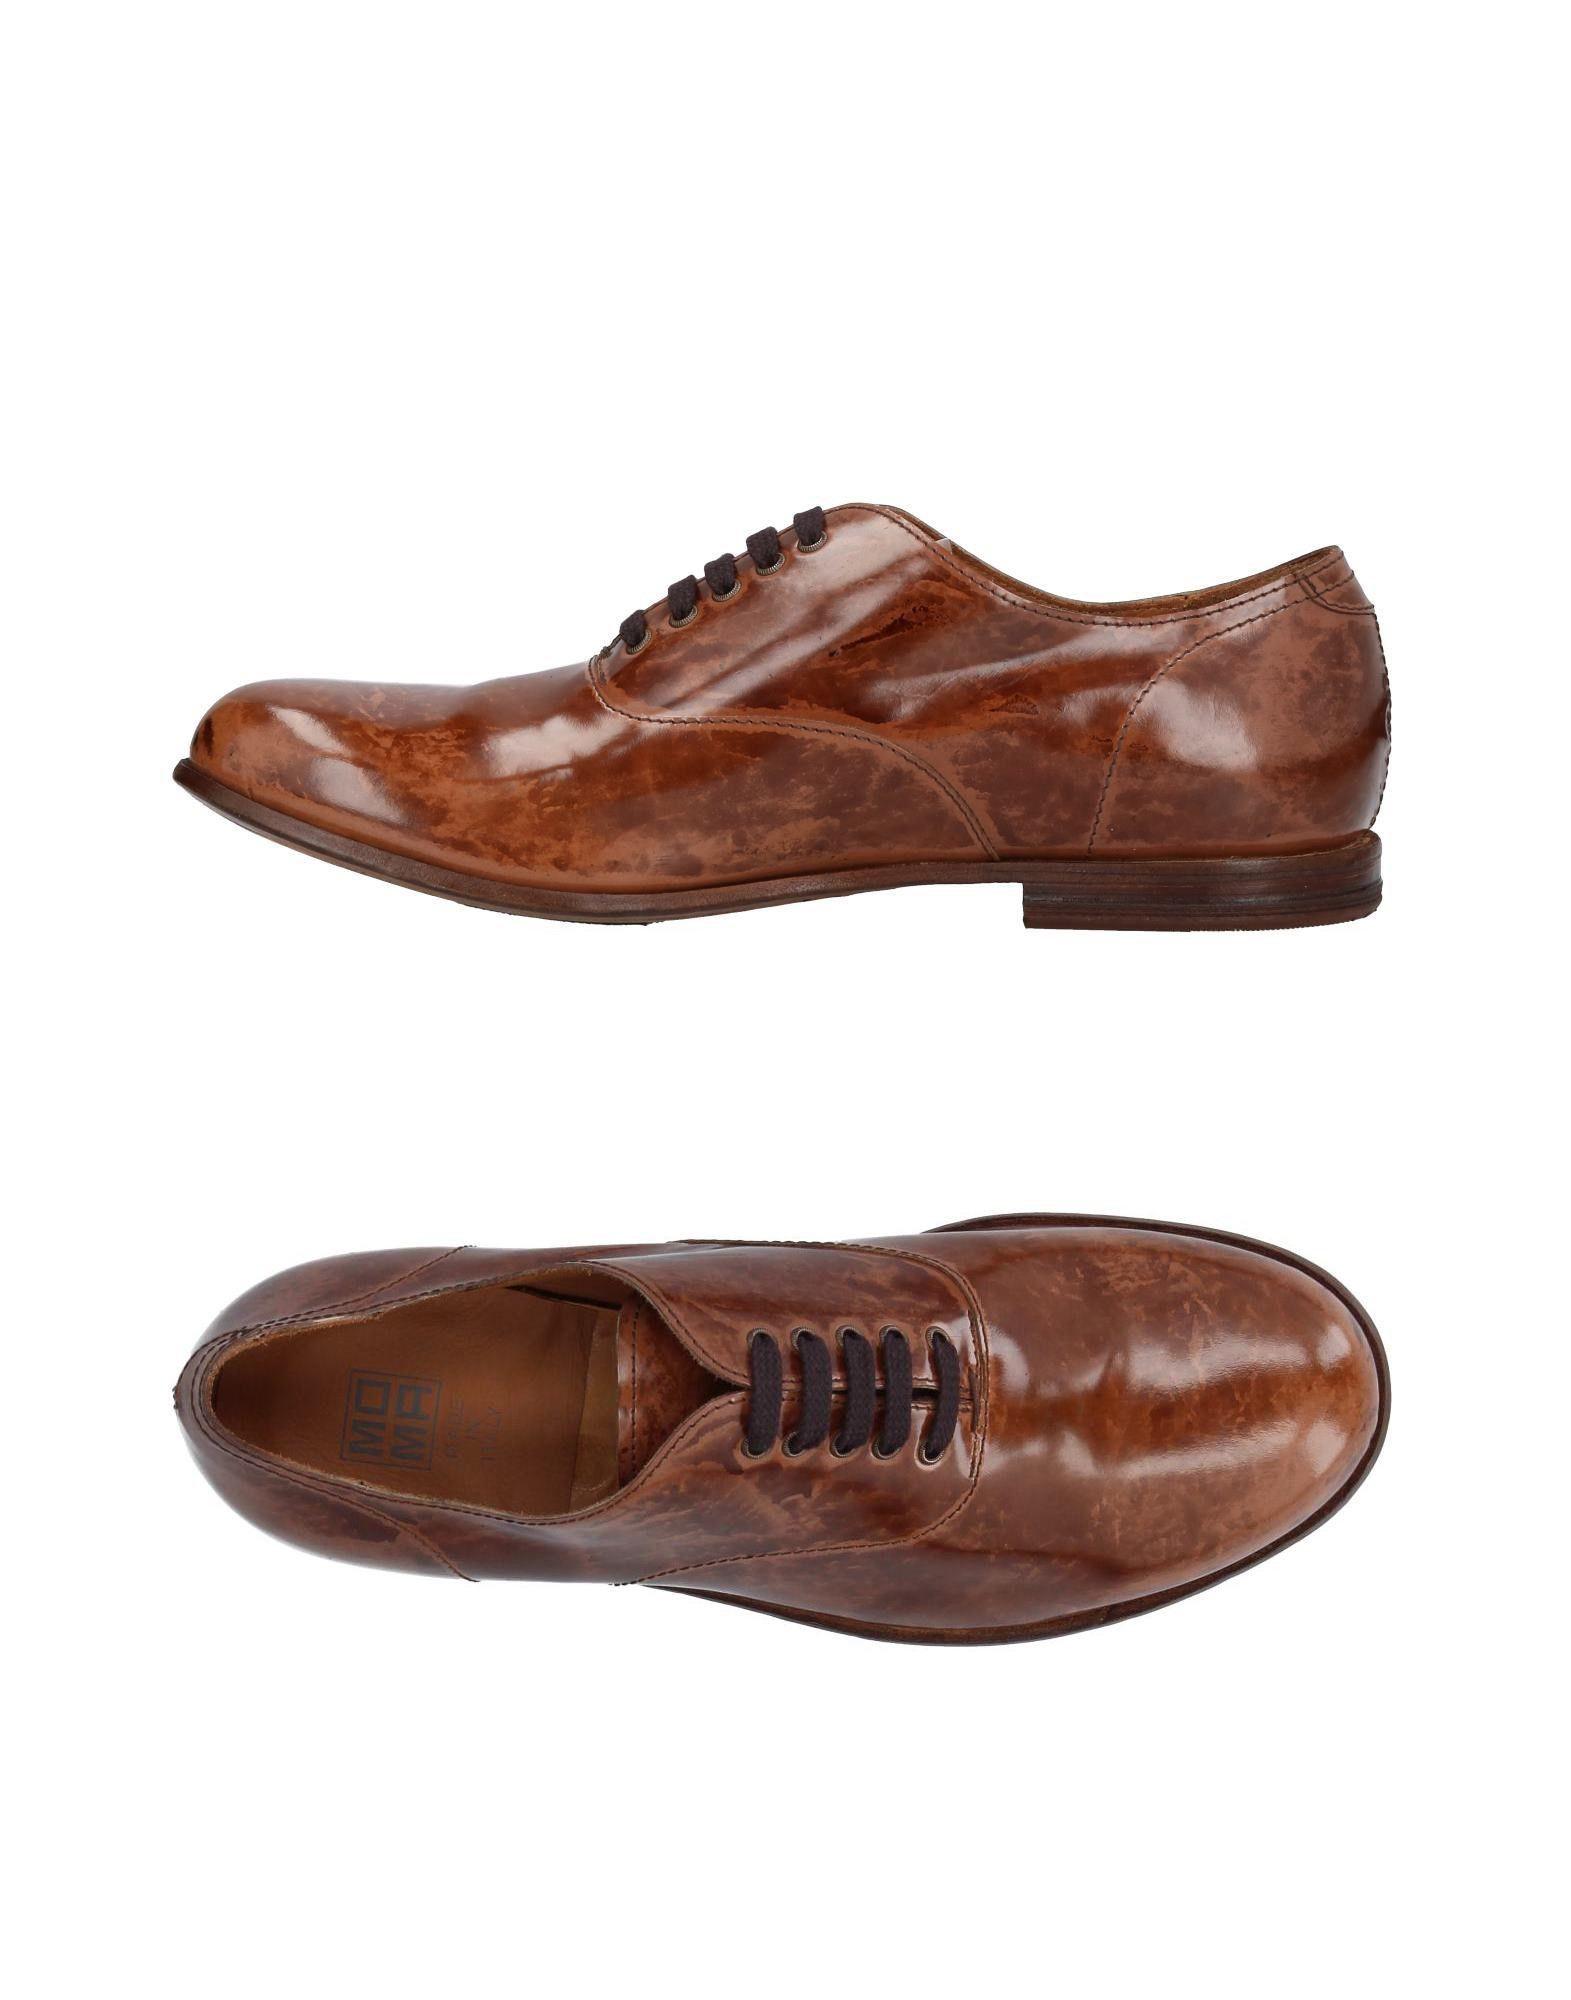 Moma Schnürschuhe Herren  11412416UR Gute Qualität beliebte Schuhe